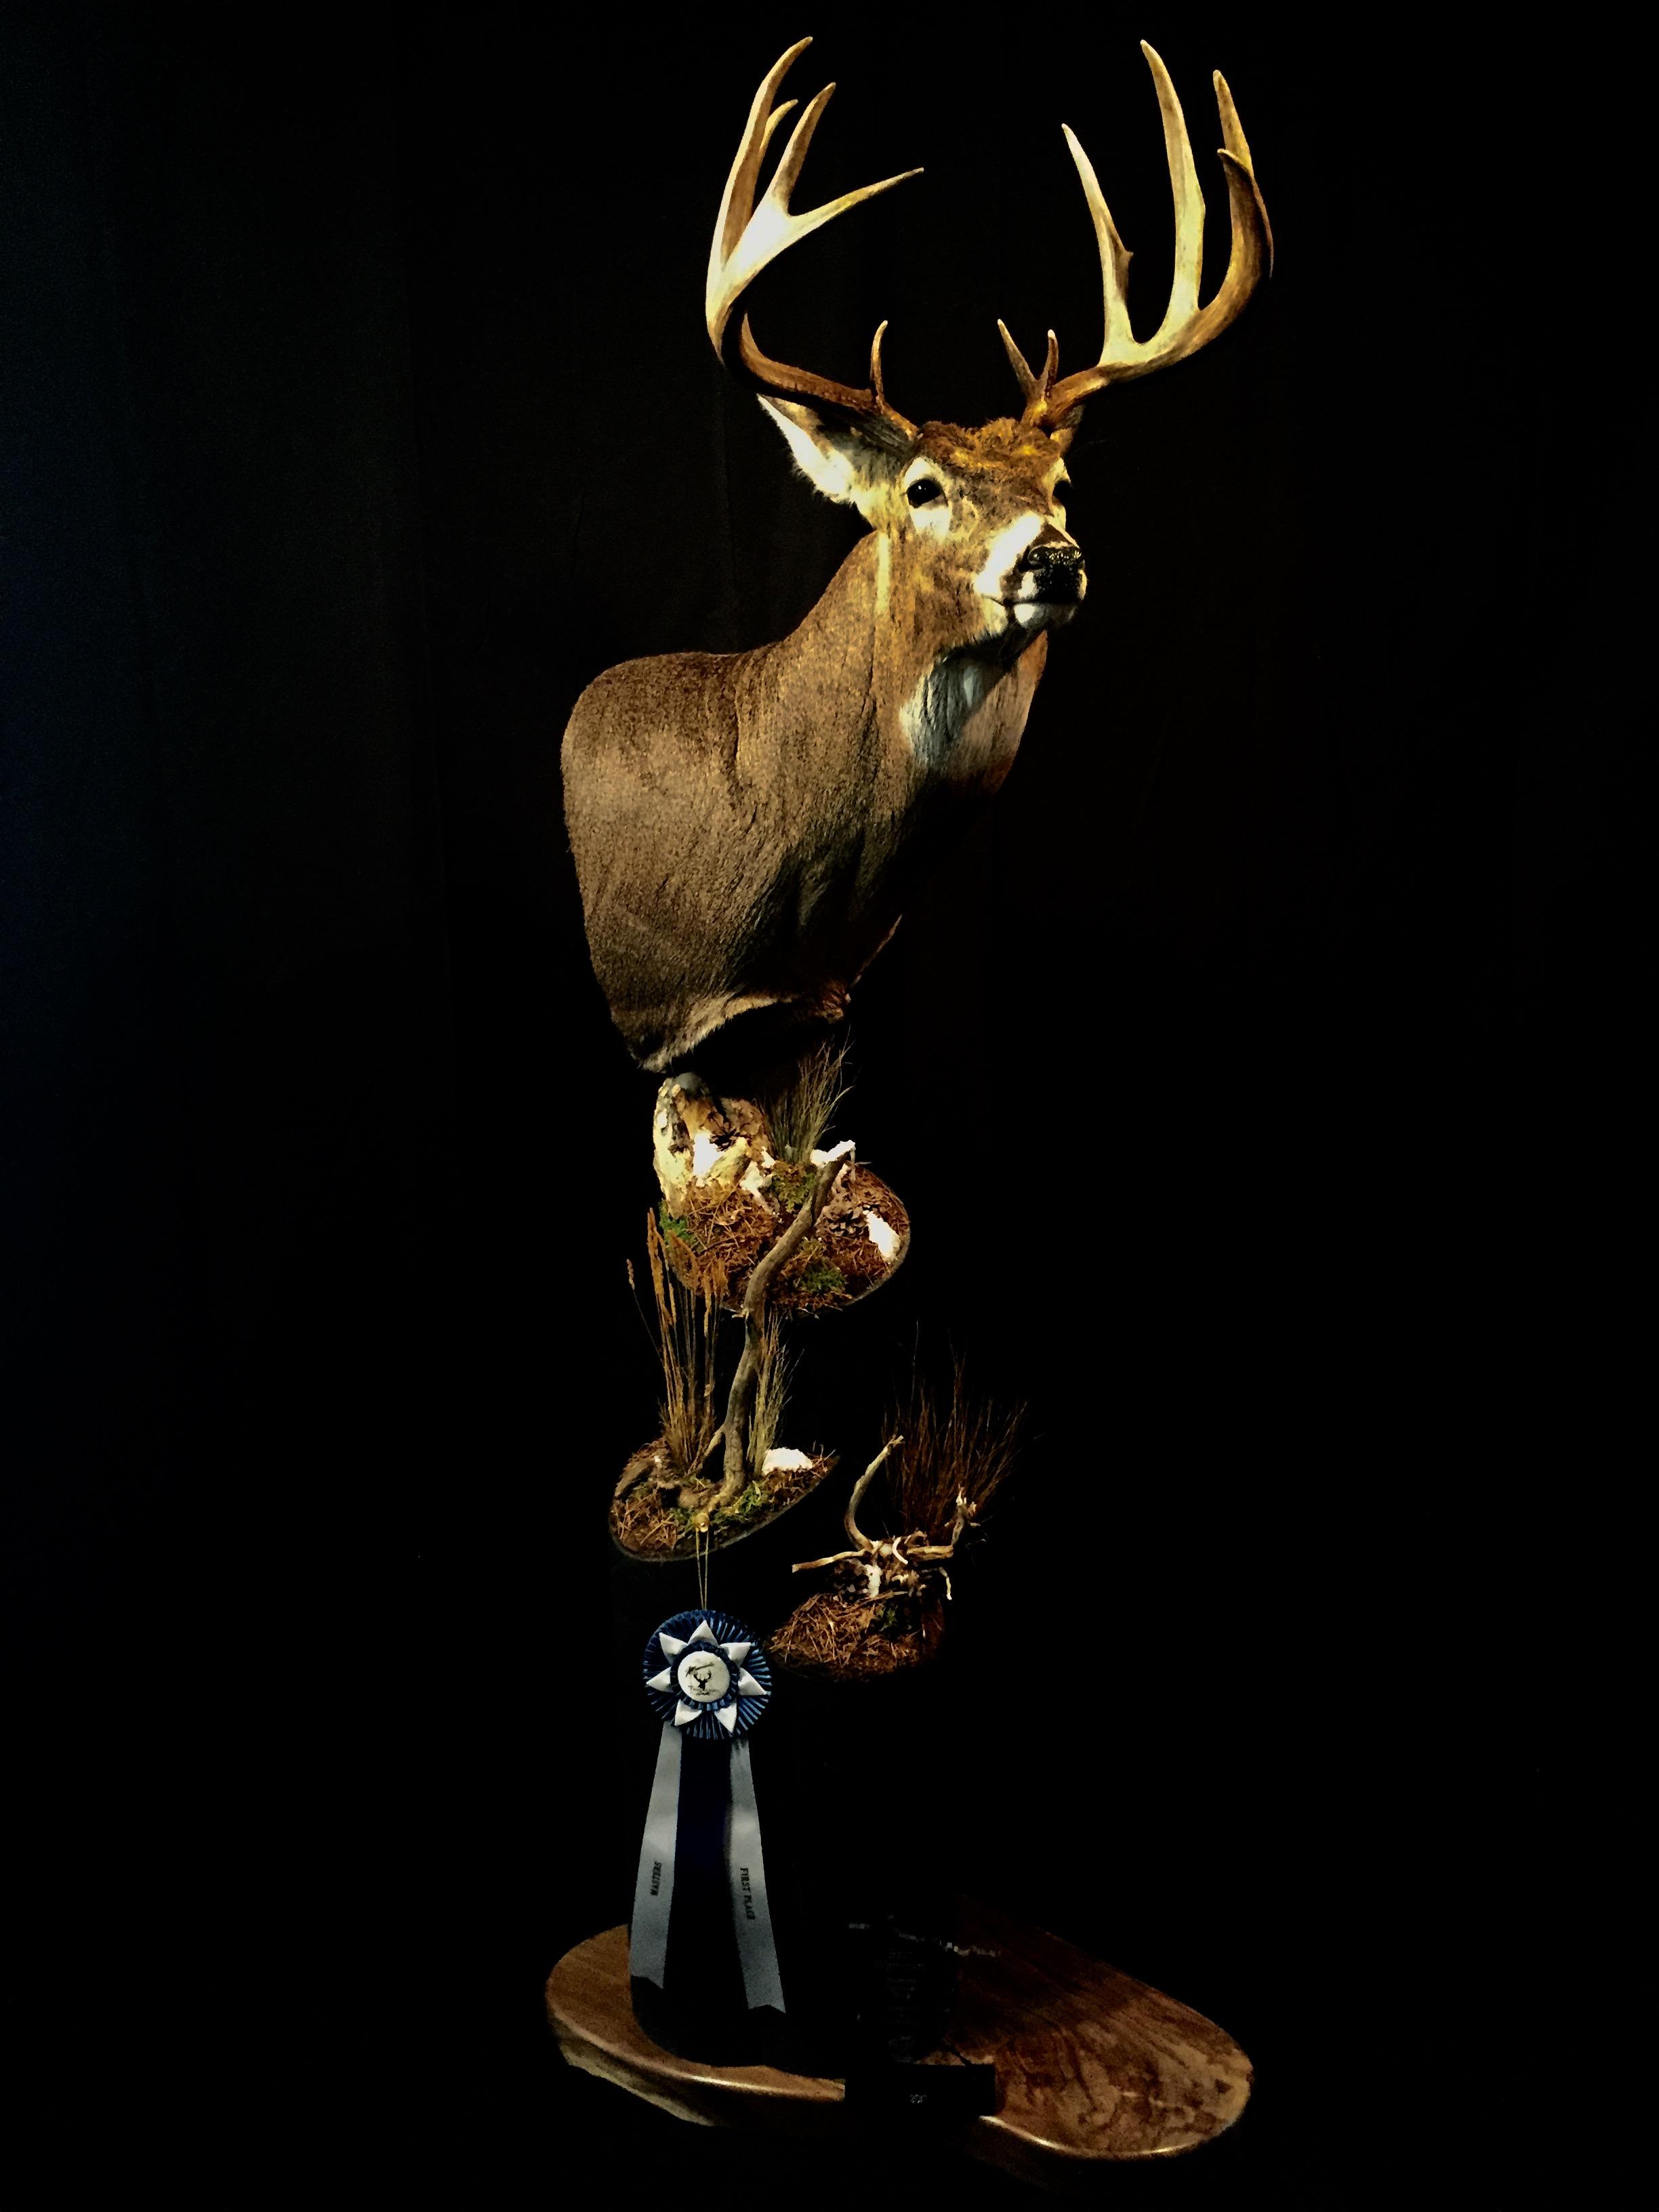 2017 State Champion Whitetail Deer